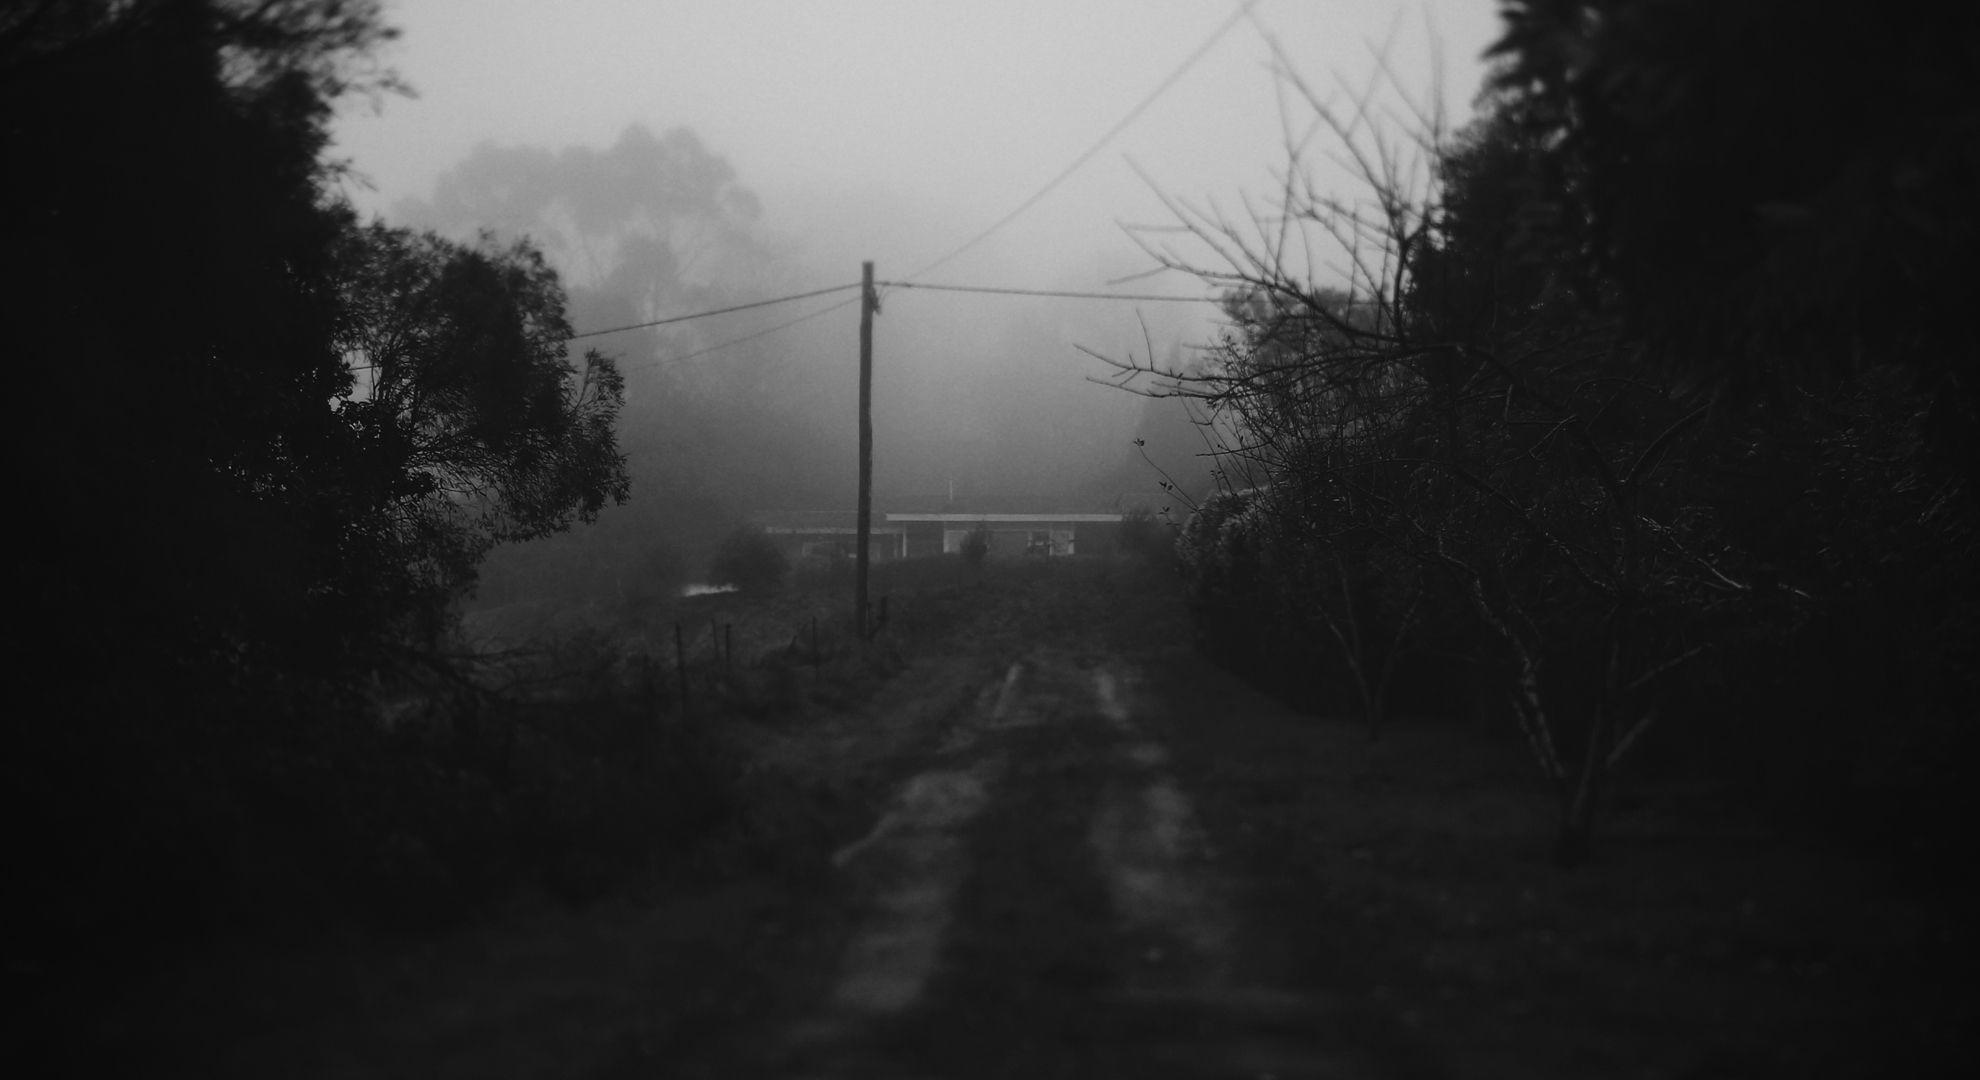 Dark Depressing Wallpaper (67+ images)